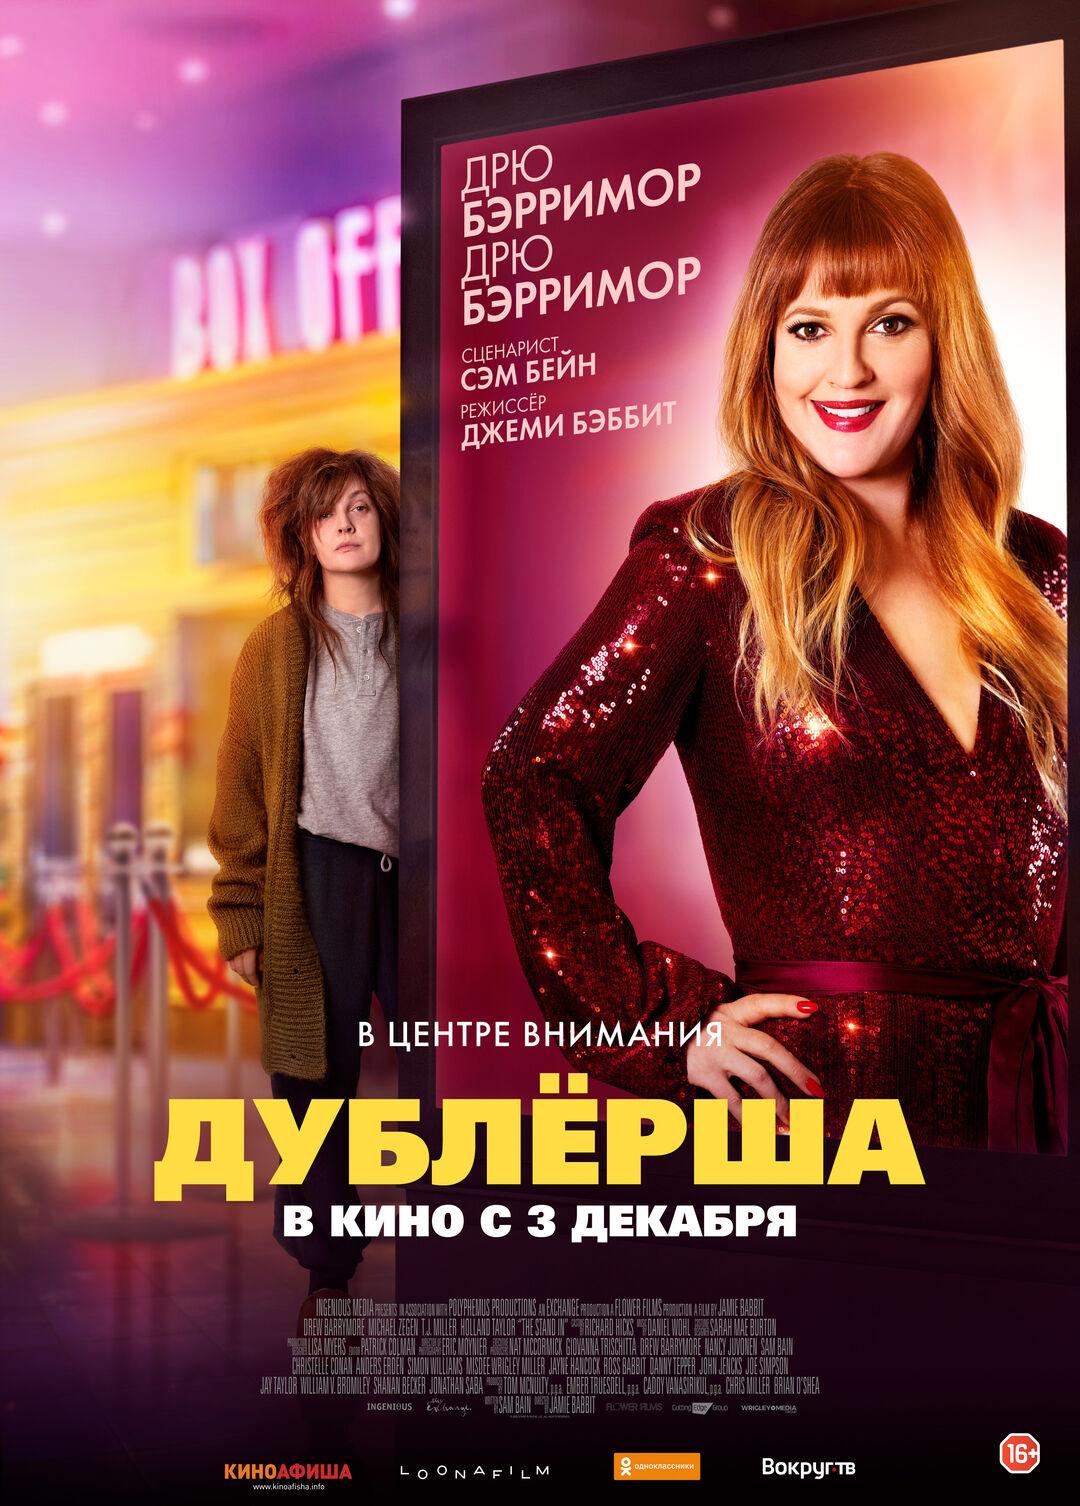 Дублёрша, постер № 2